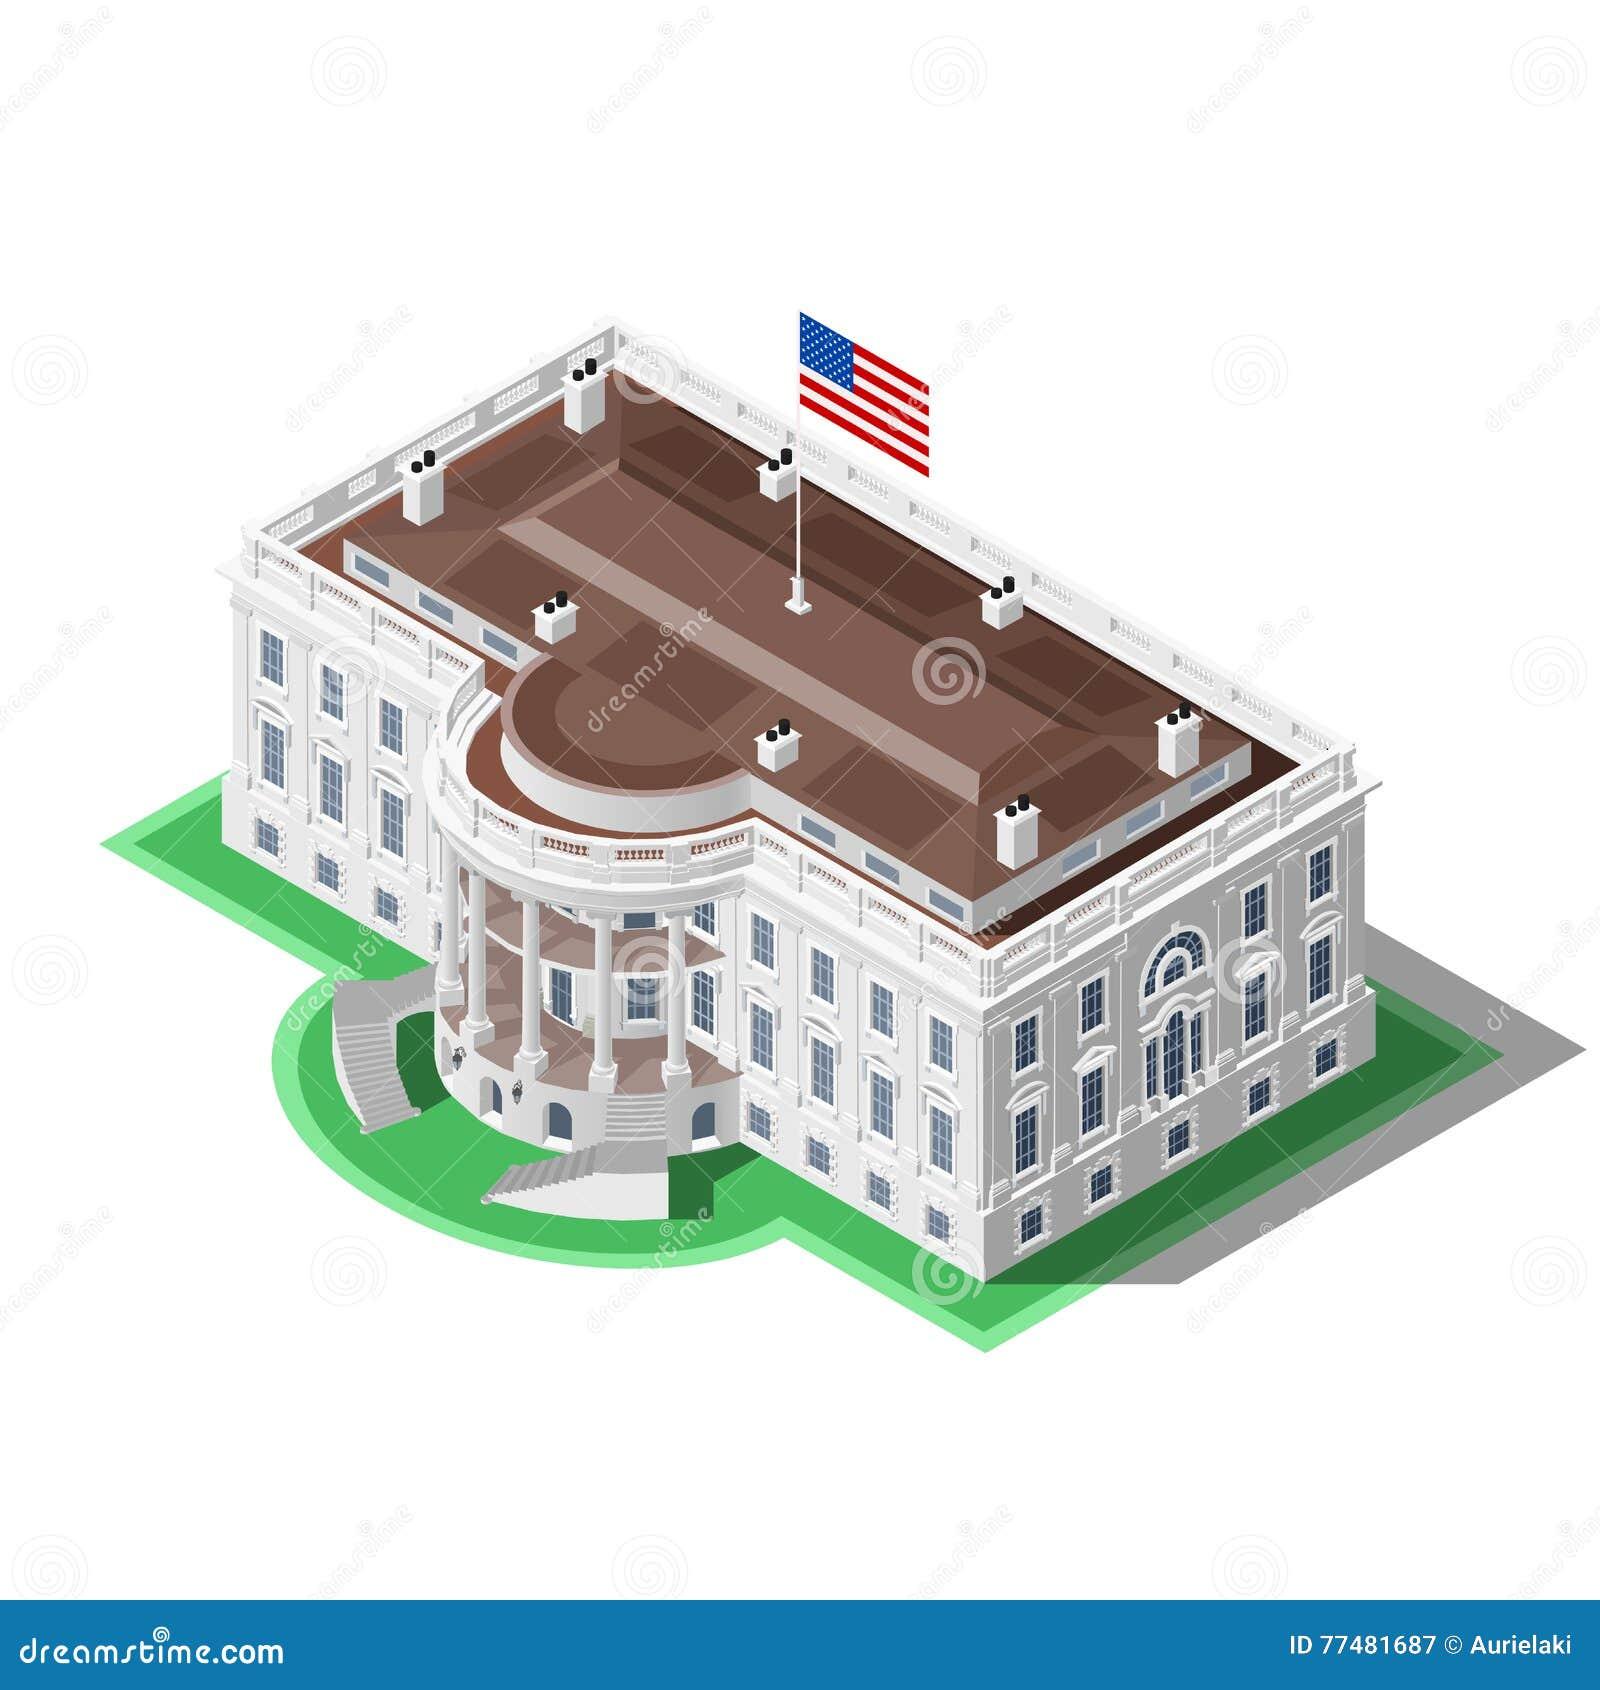 Elecci n infographic nosotros edificio isom trico del - Planos de la casa blanca ...